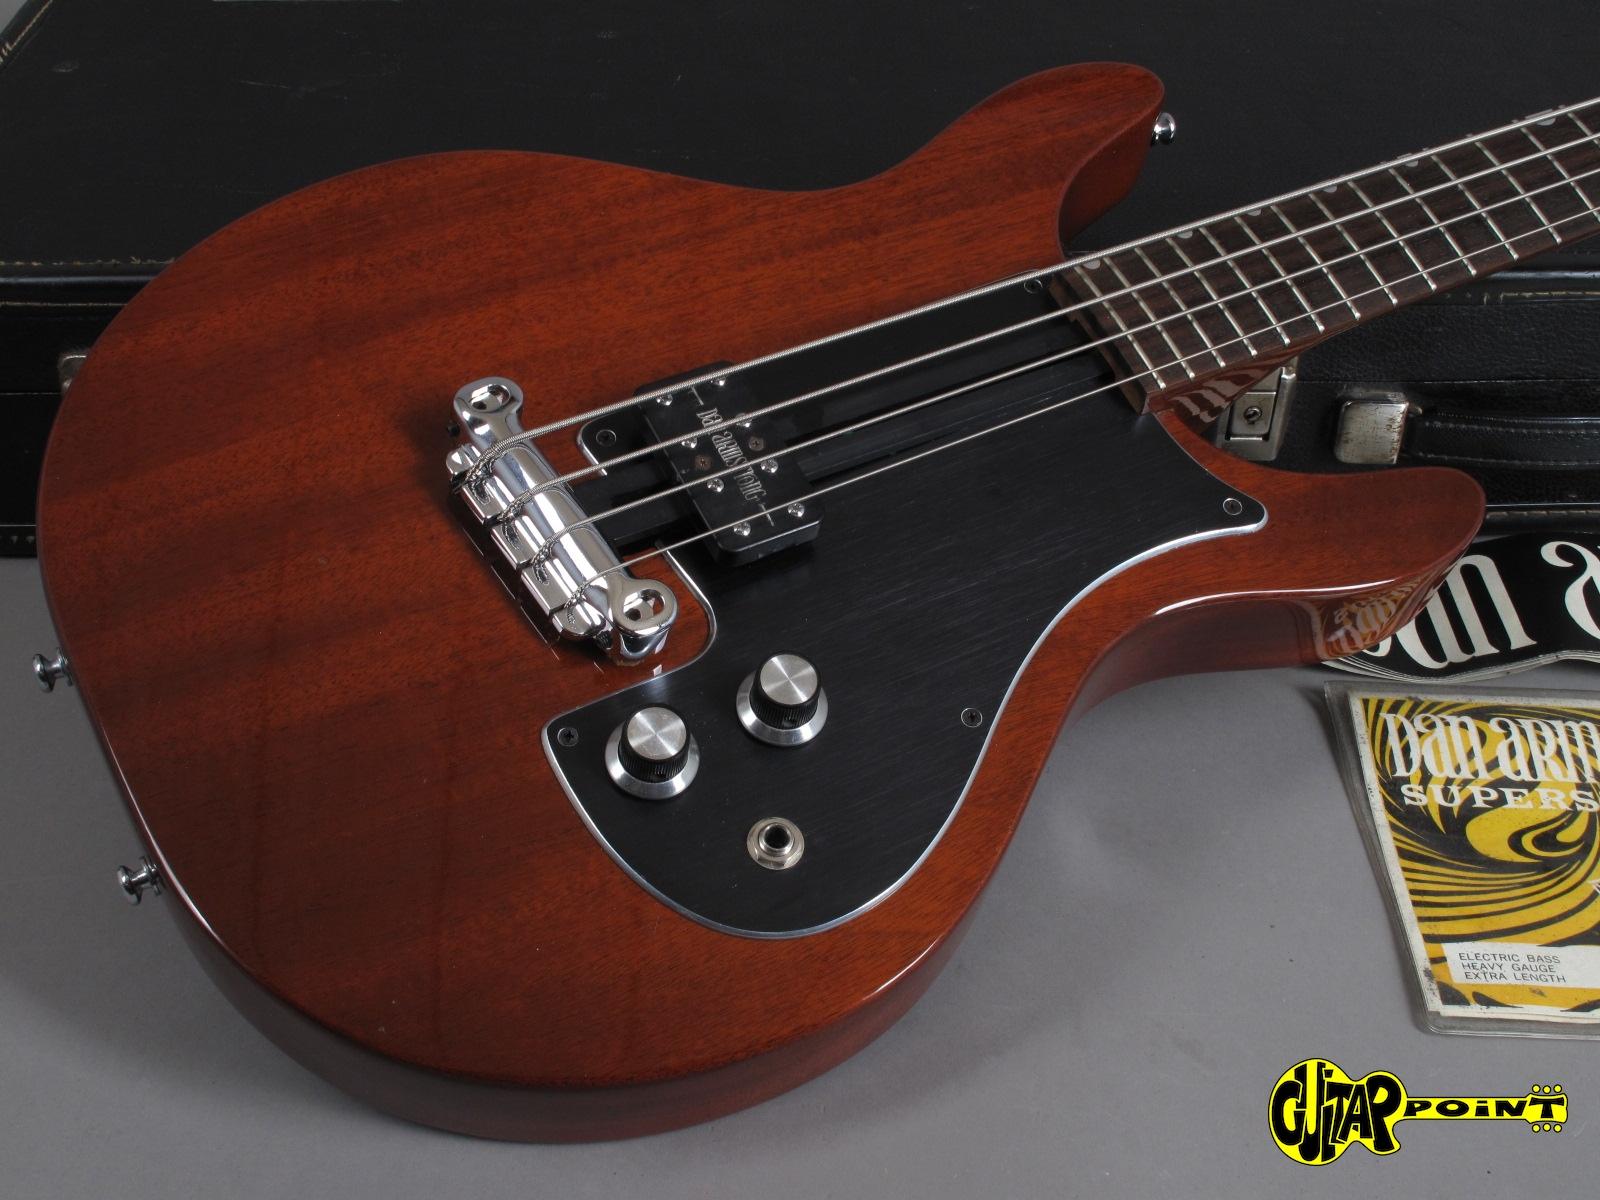 https://guitarpoint.de/app/uploads/products/1975-dan-armstrong-342-4-string-bass-cherry/DanAm75_342BassCH000481_17.jpg